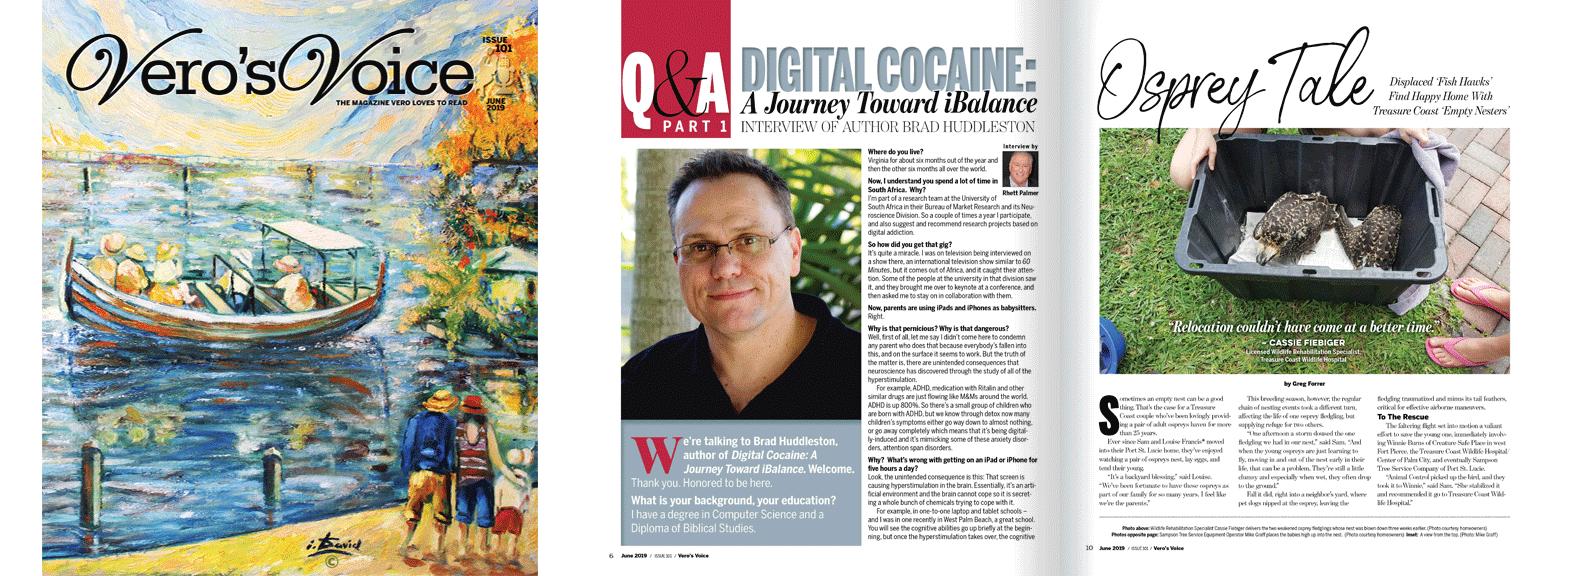 Vero's Voice Magazine Current Issue